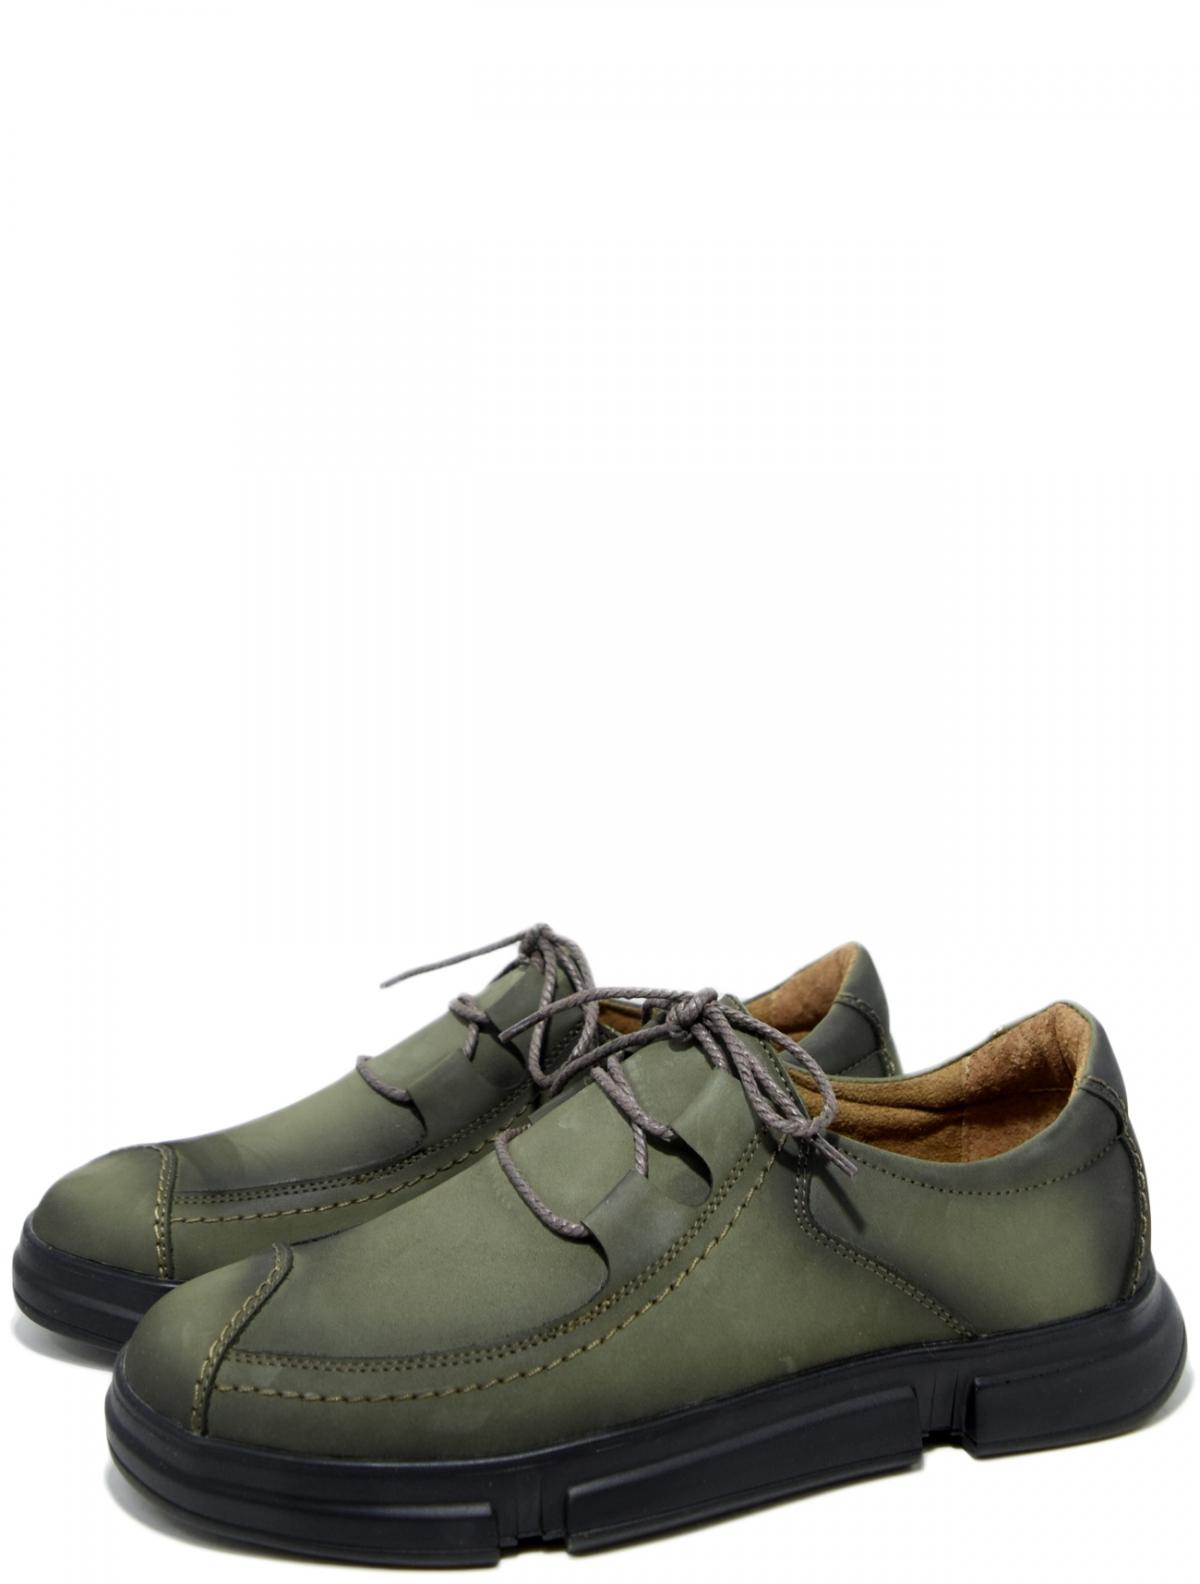 Disksen 604-111-3-1 мужские туфли